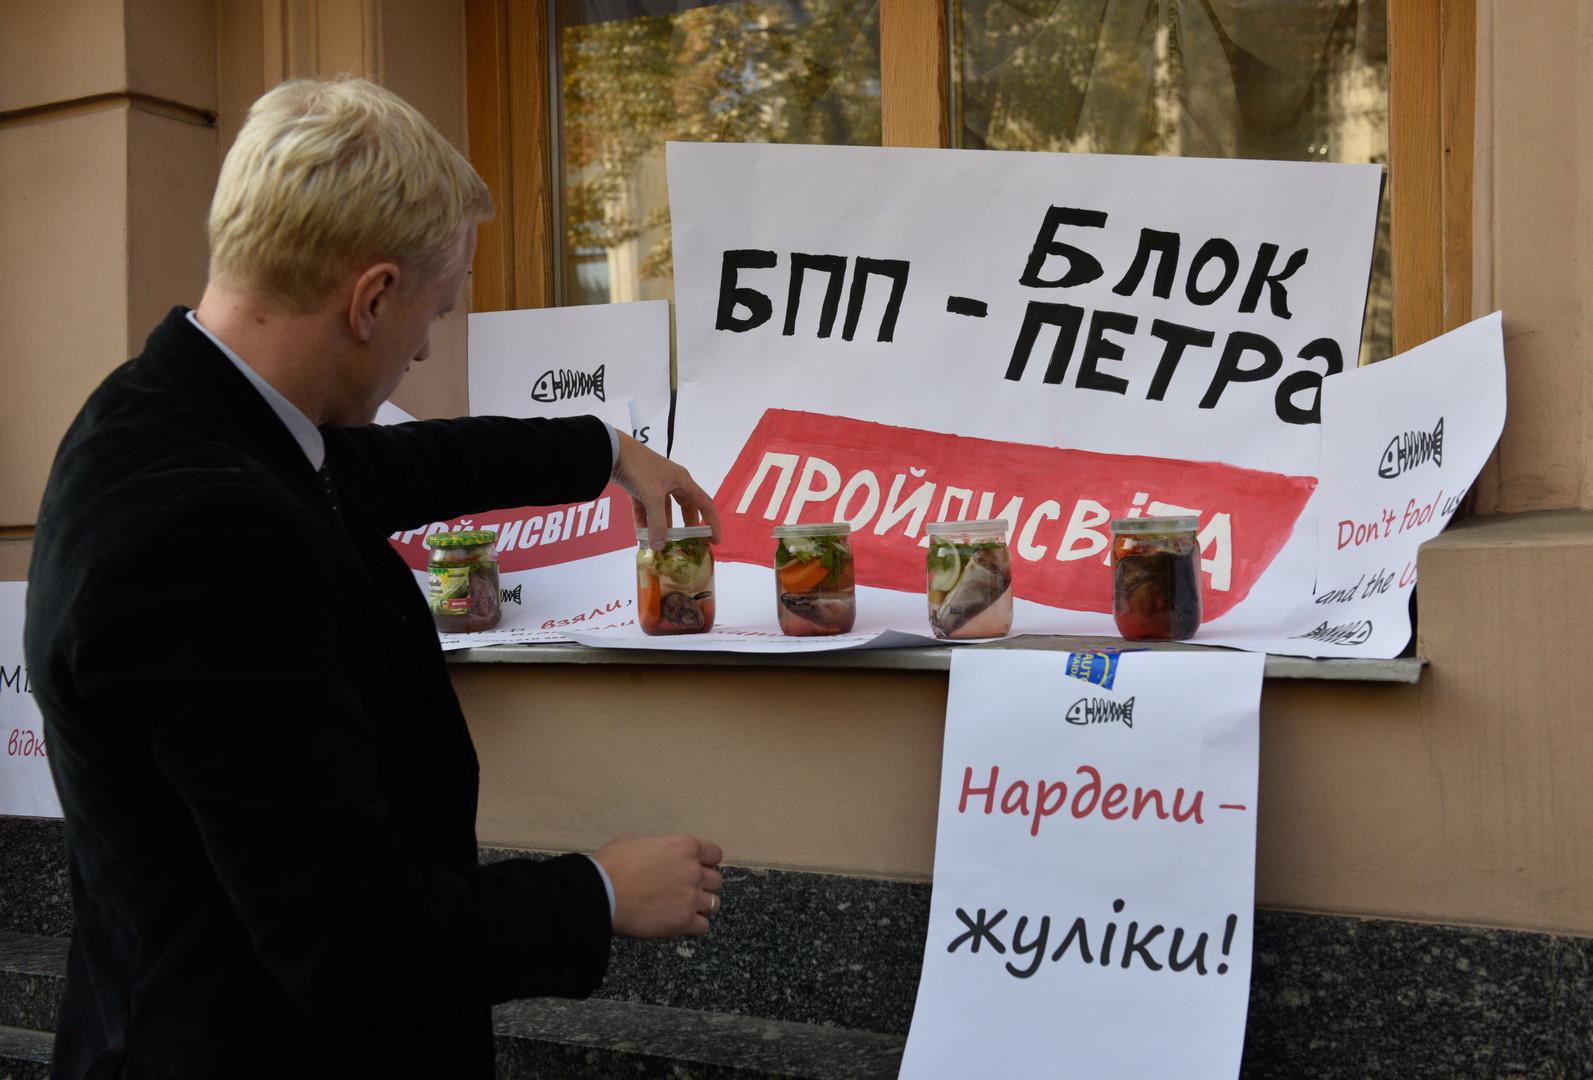 Руководитель Центра противодействия коррупции Виталий Шабунин во время акции против коррупции у здания Верховной рады в Киеве.